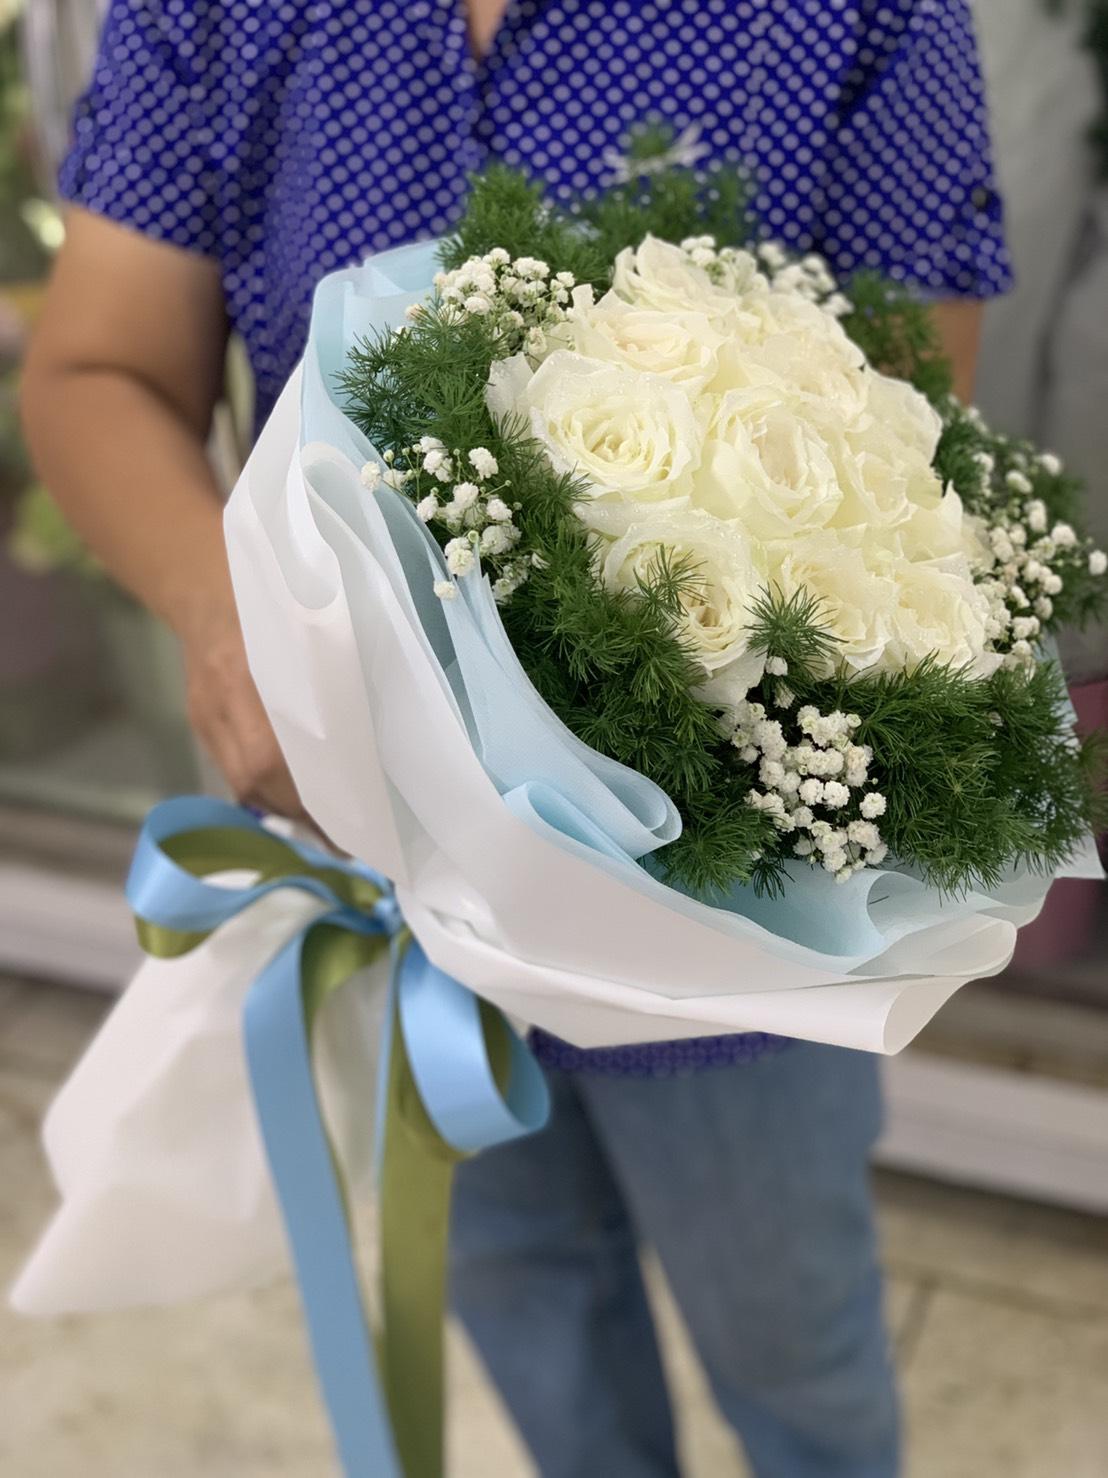 ช่อดอกไม้สีชมพู ละมุนอ่อนหวาน มอบให้เขาหรือเธอคนนั้นที่คุณรักกันค่ะ